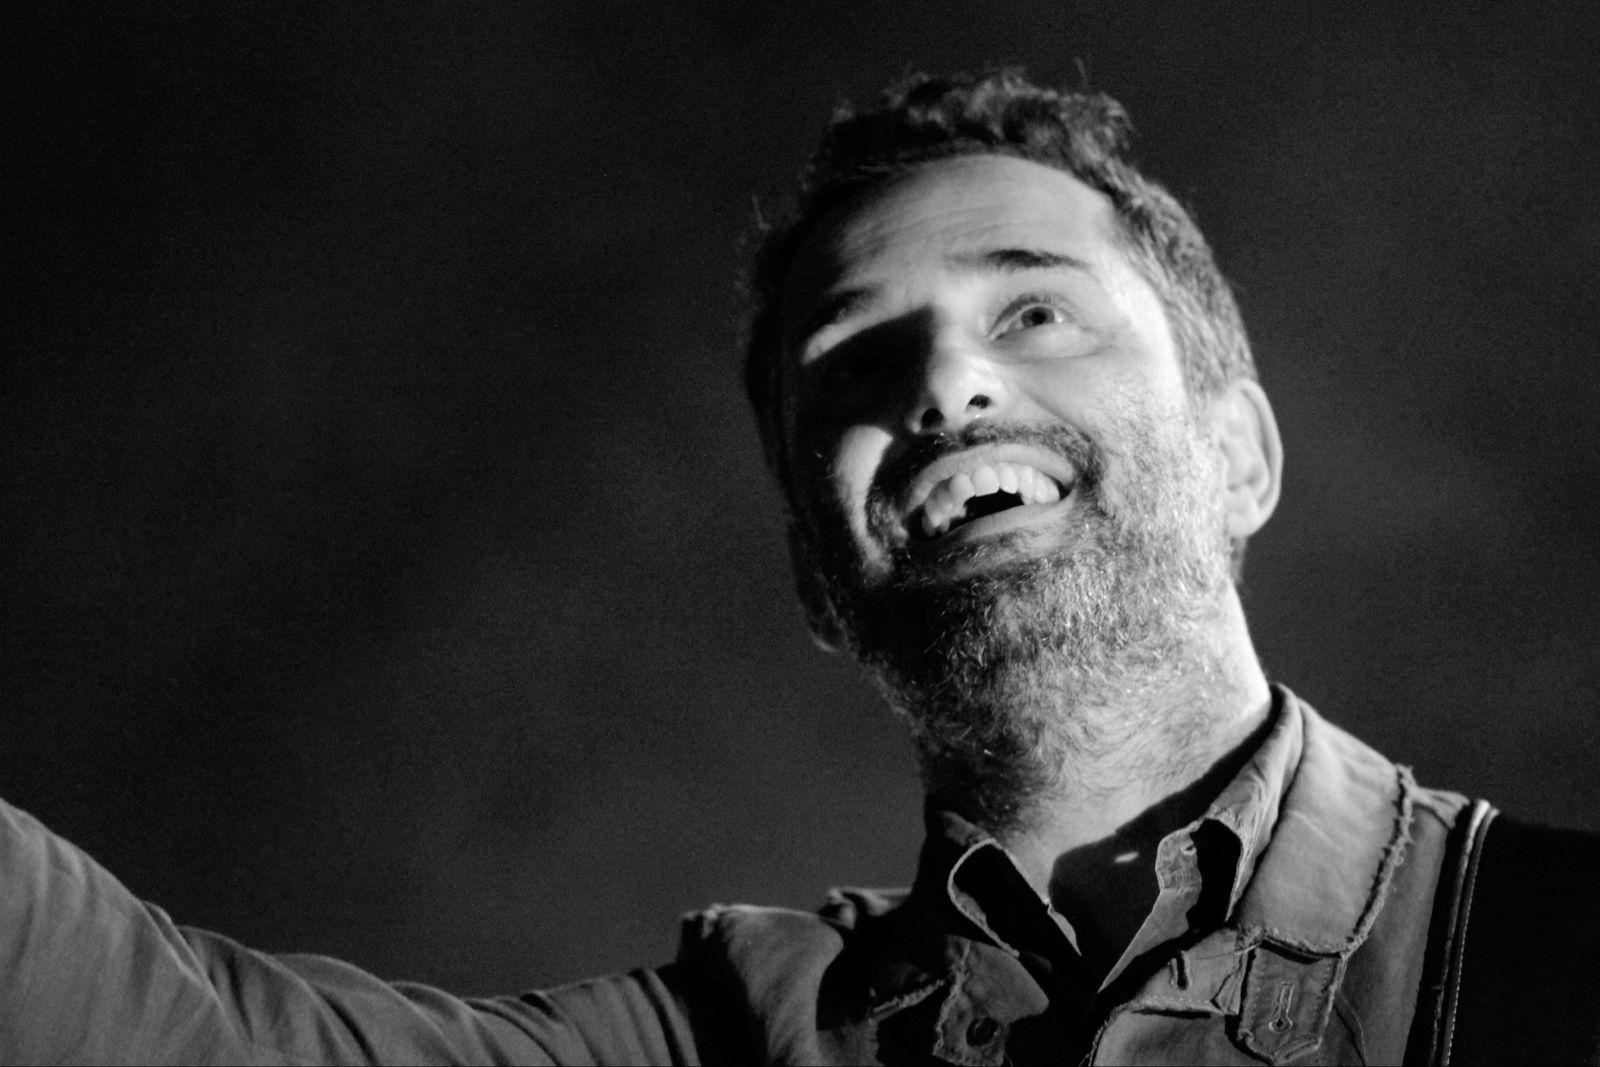 El encanto y la dulzura de Uruguay, Jorge Drexler.